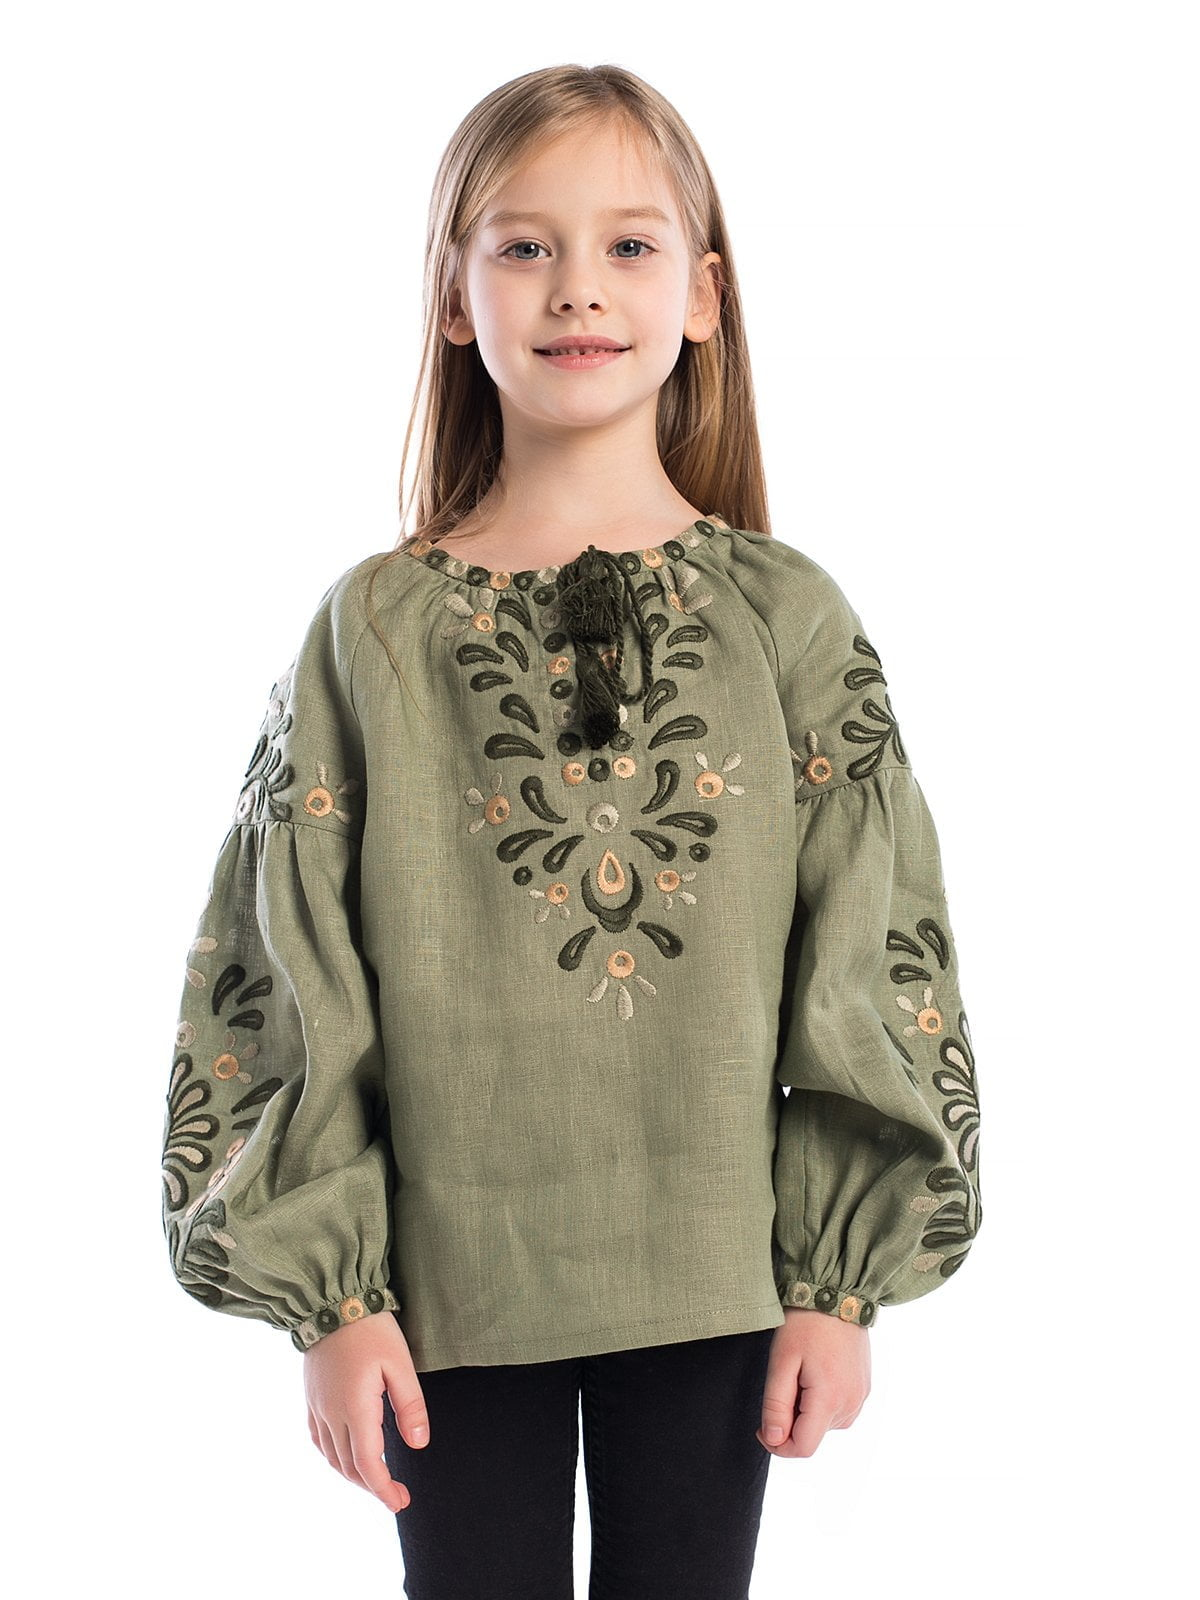 Вышиванка для девочки Greenwood Kids – купить в Киеве и Украине ... cefe0b6667f06